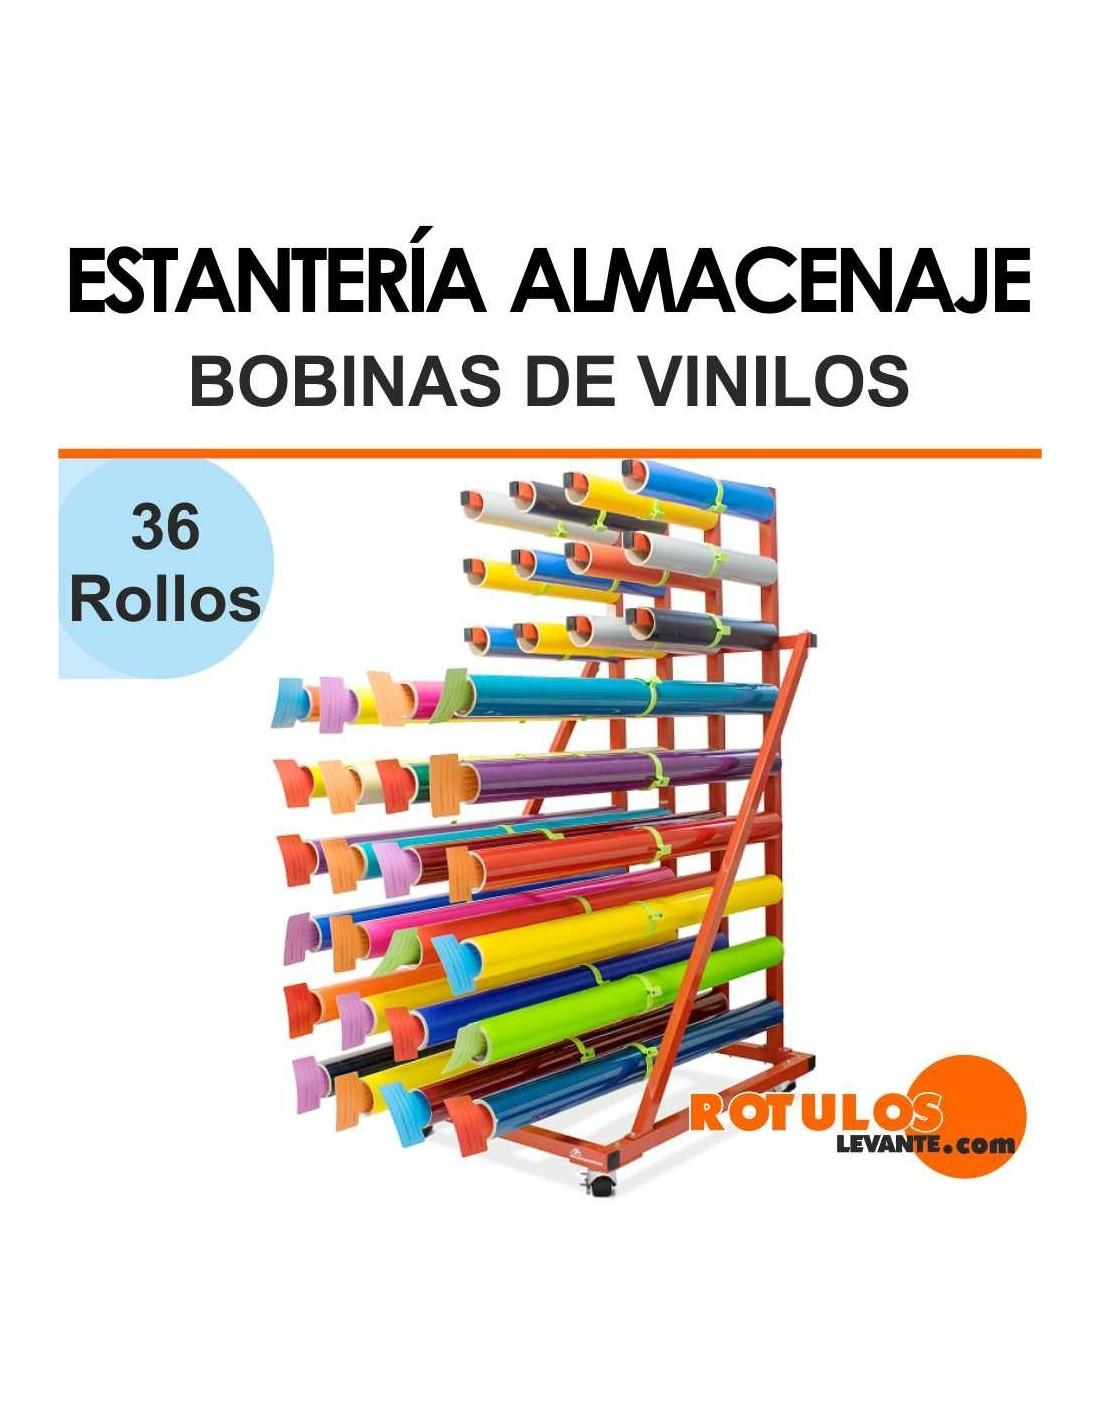 Almacenaje bobinas de vinilo m vil for Rollos de vinilo